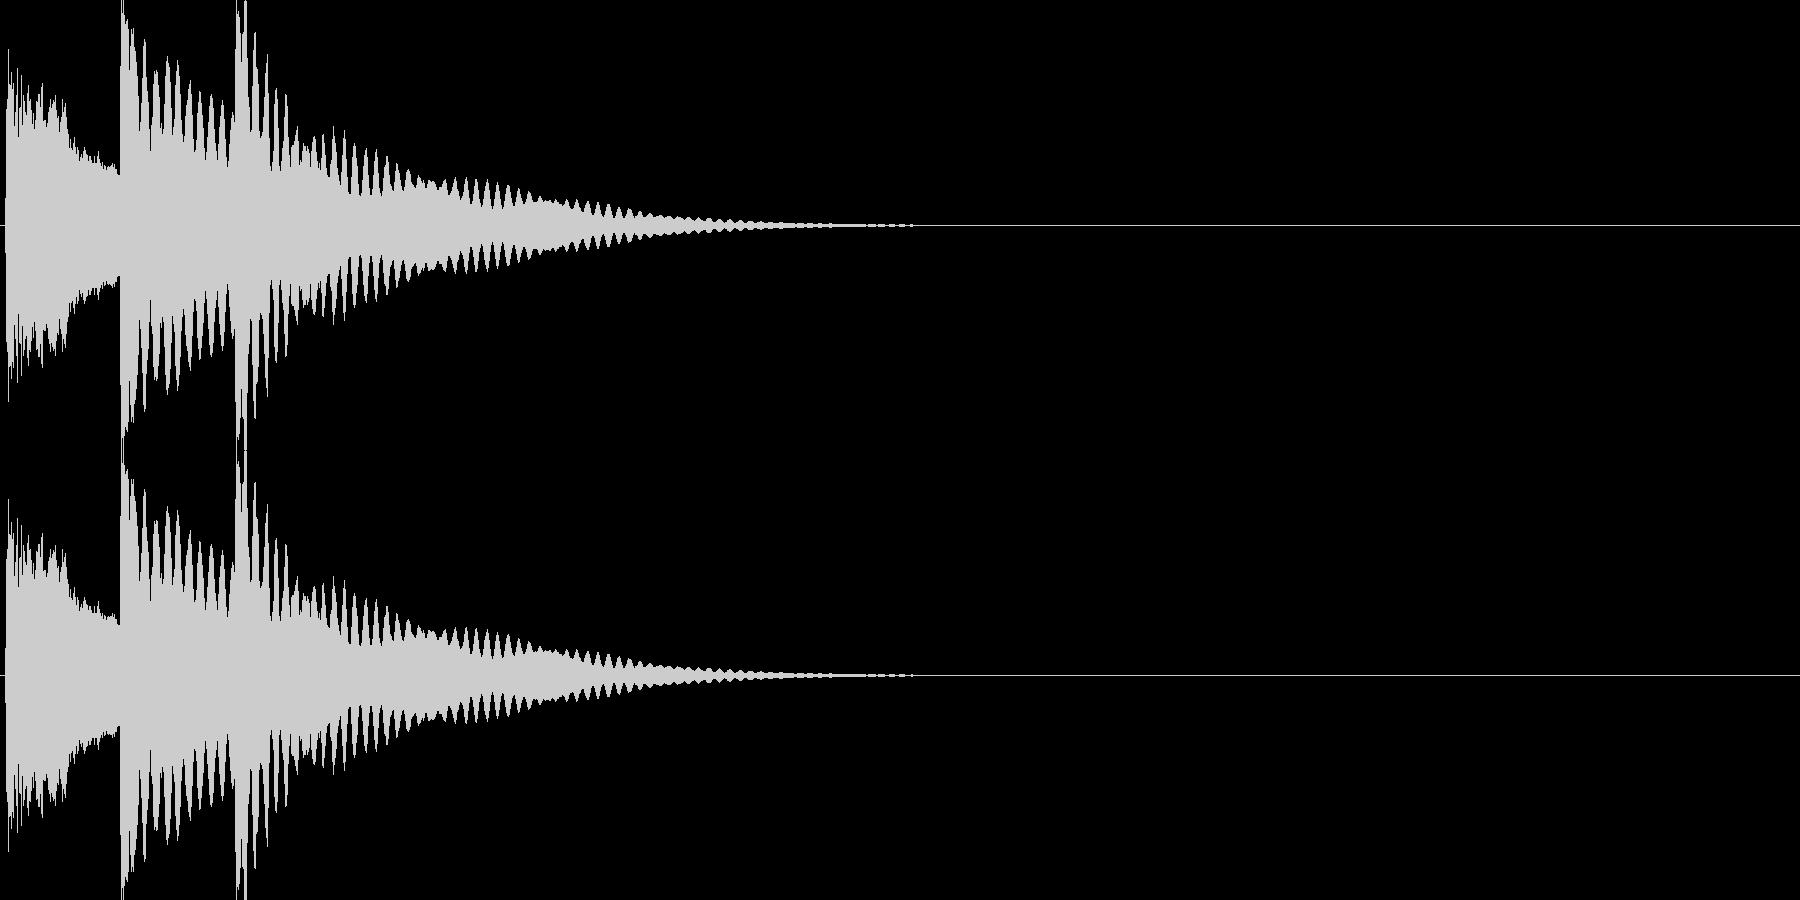 戻る・キャンセル音(木琴)の未再生の波形